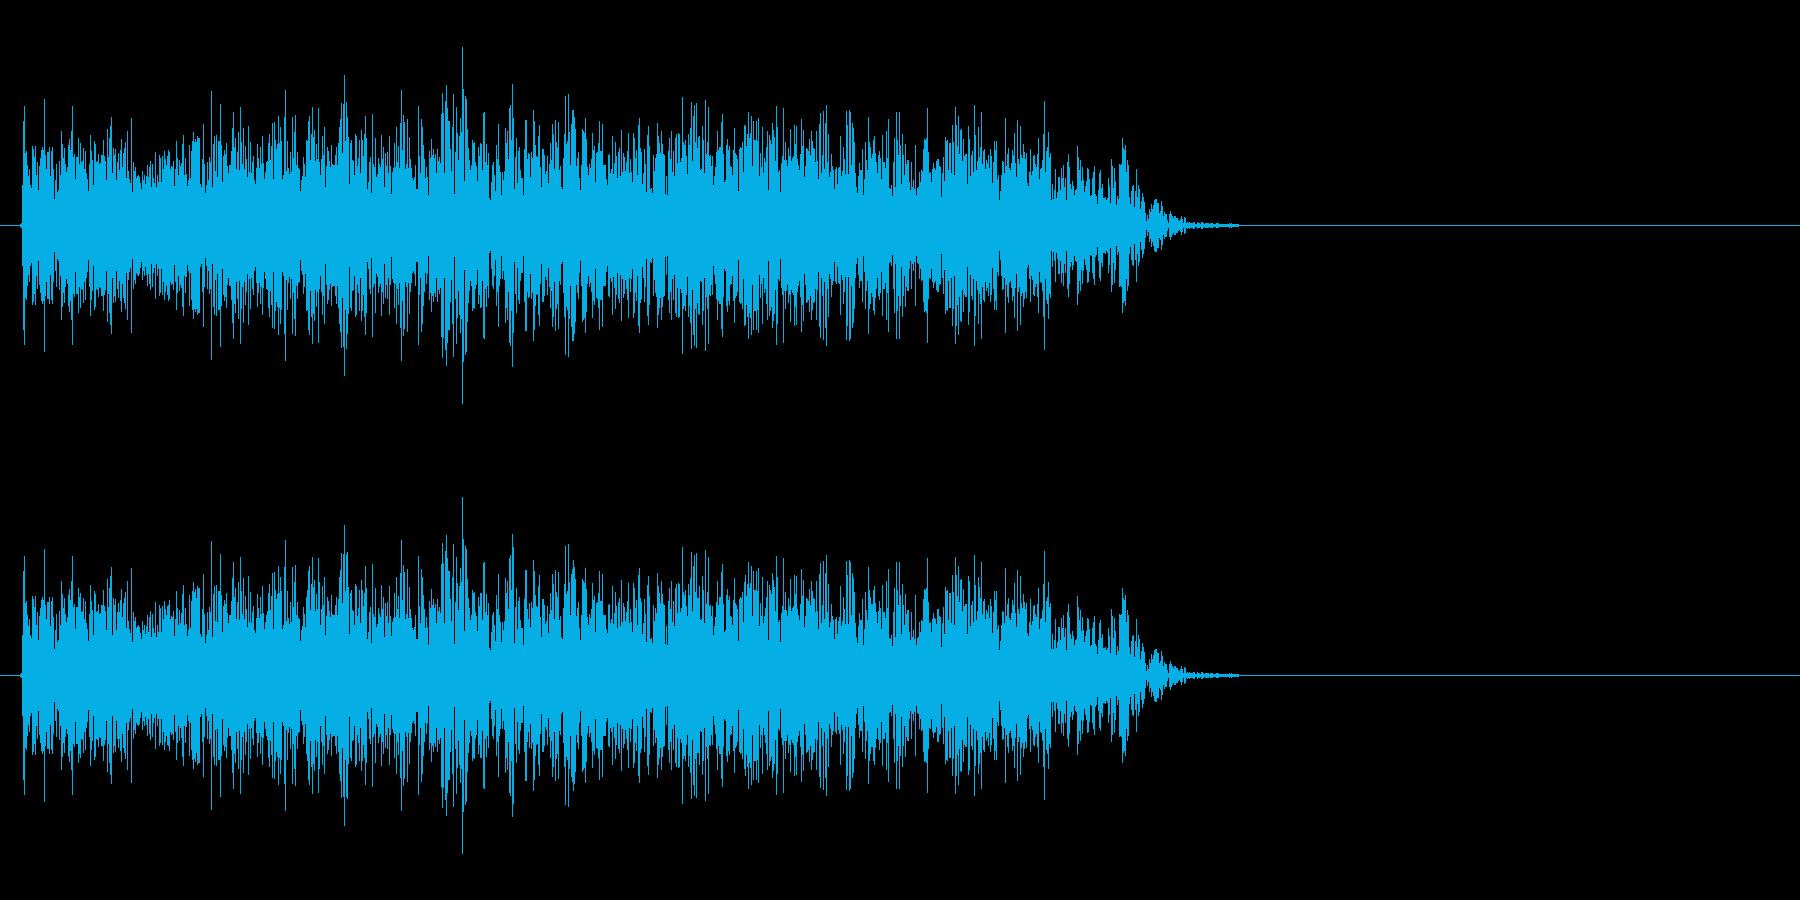 火炎放射機のような音の再生済みの波形